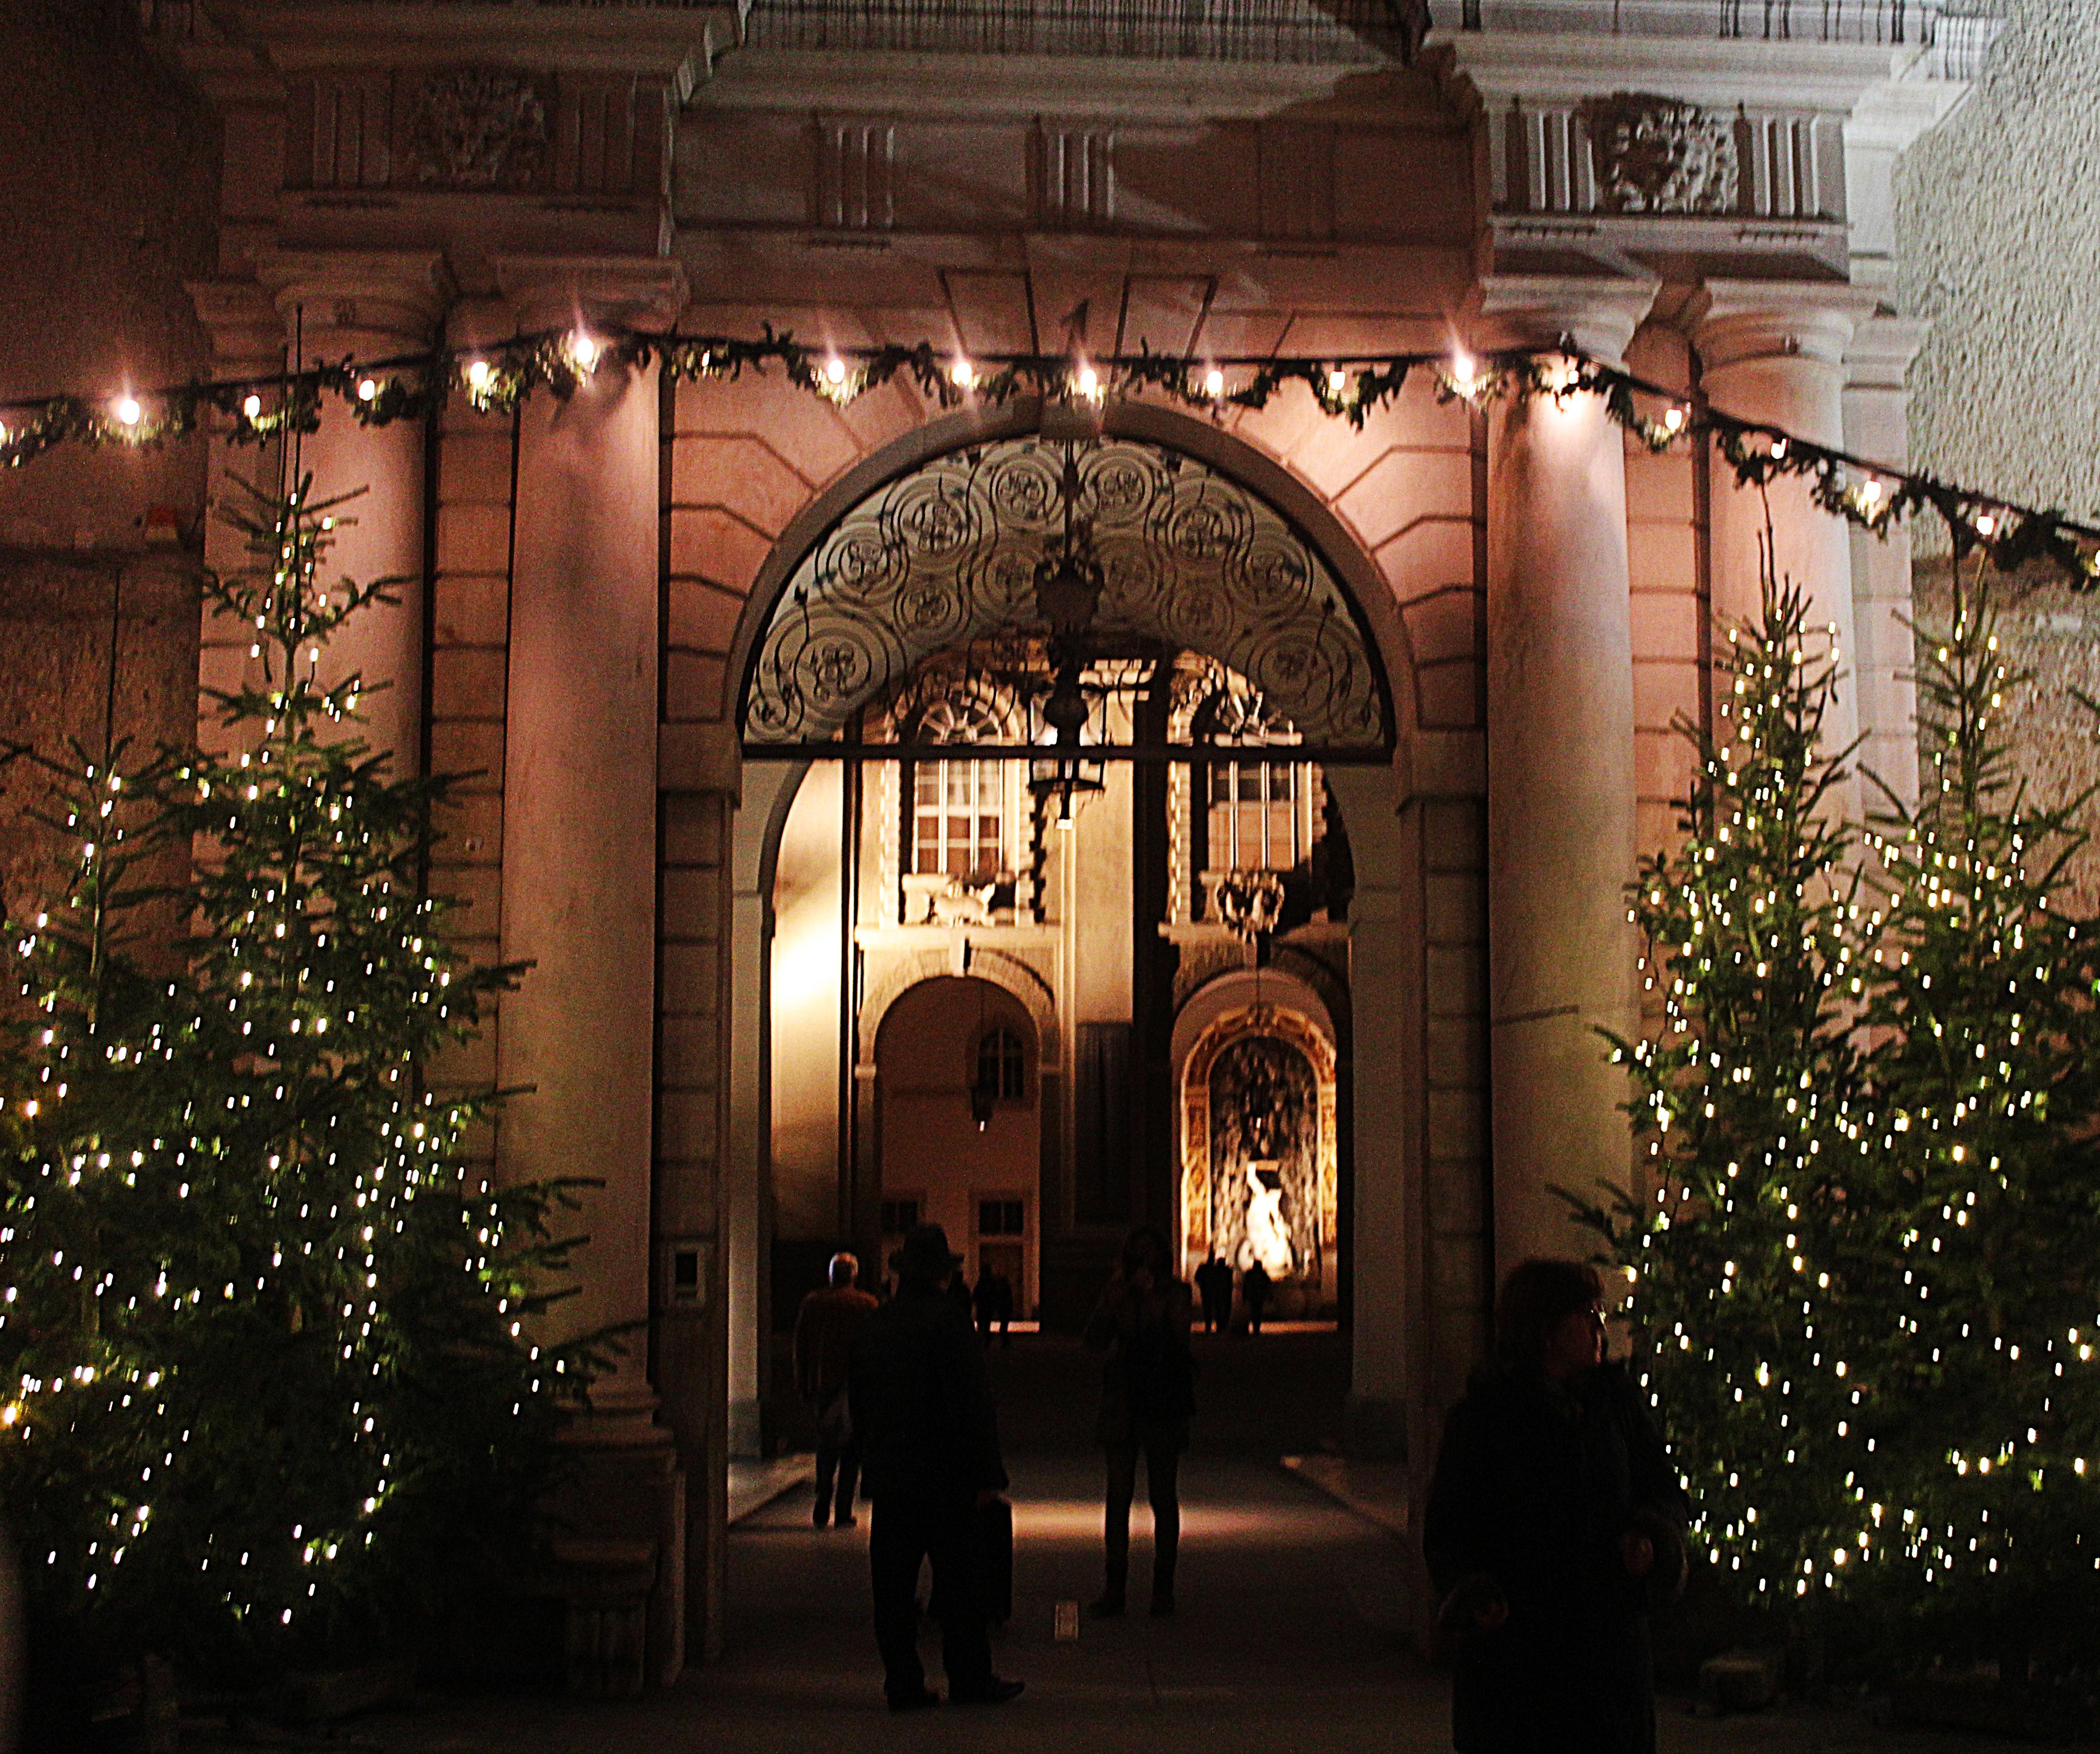 Christbäume_Weihnachtsmarkt